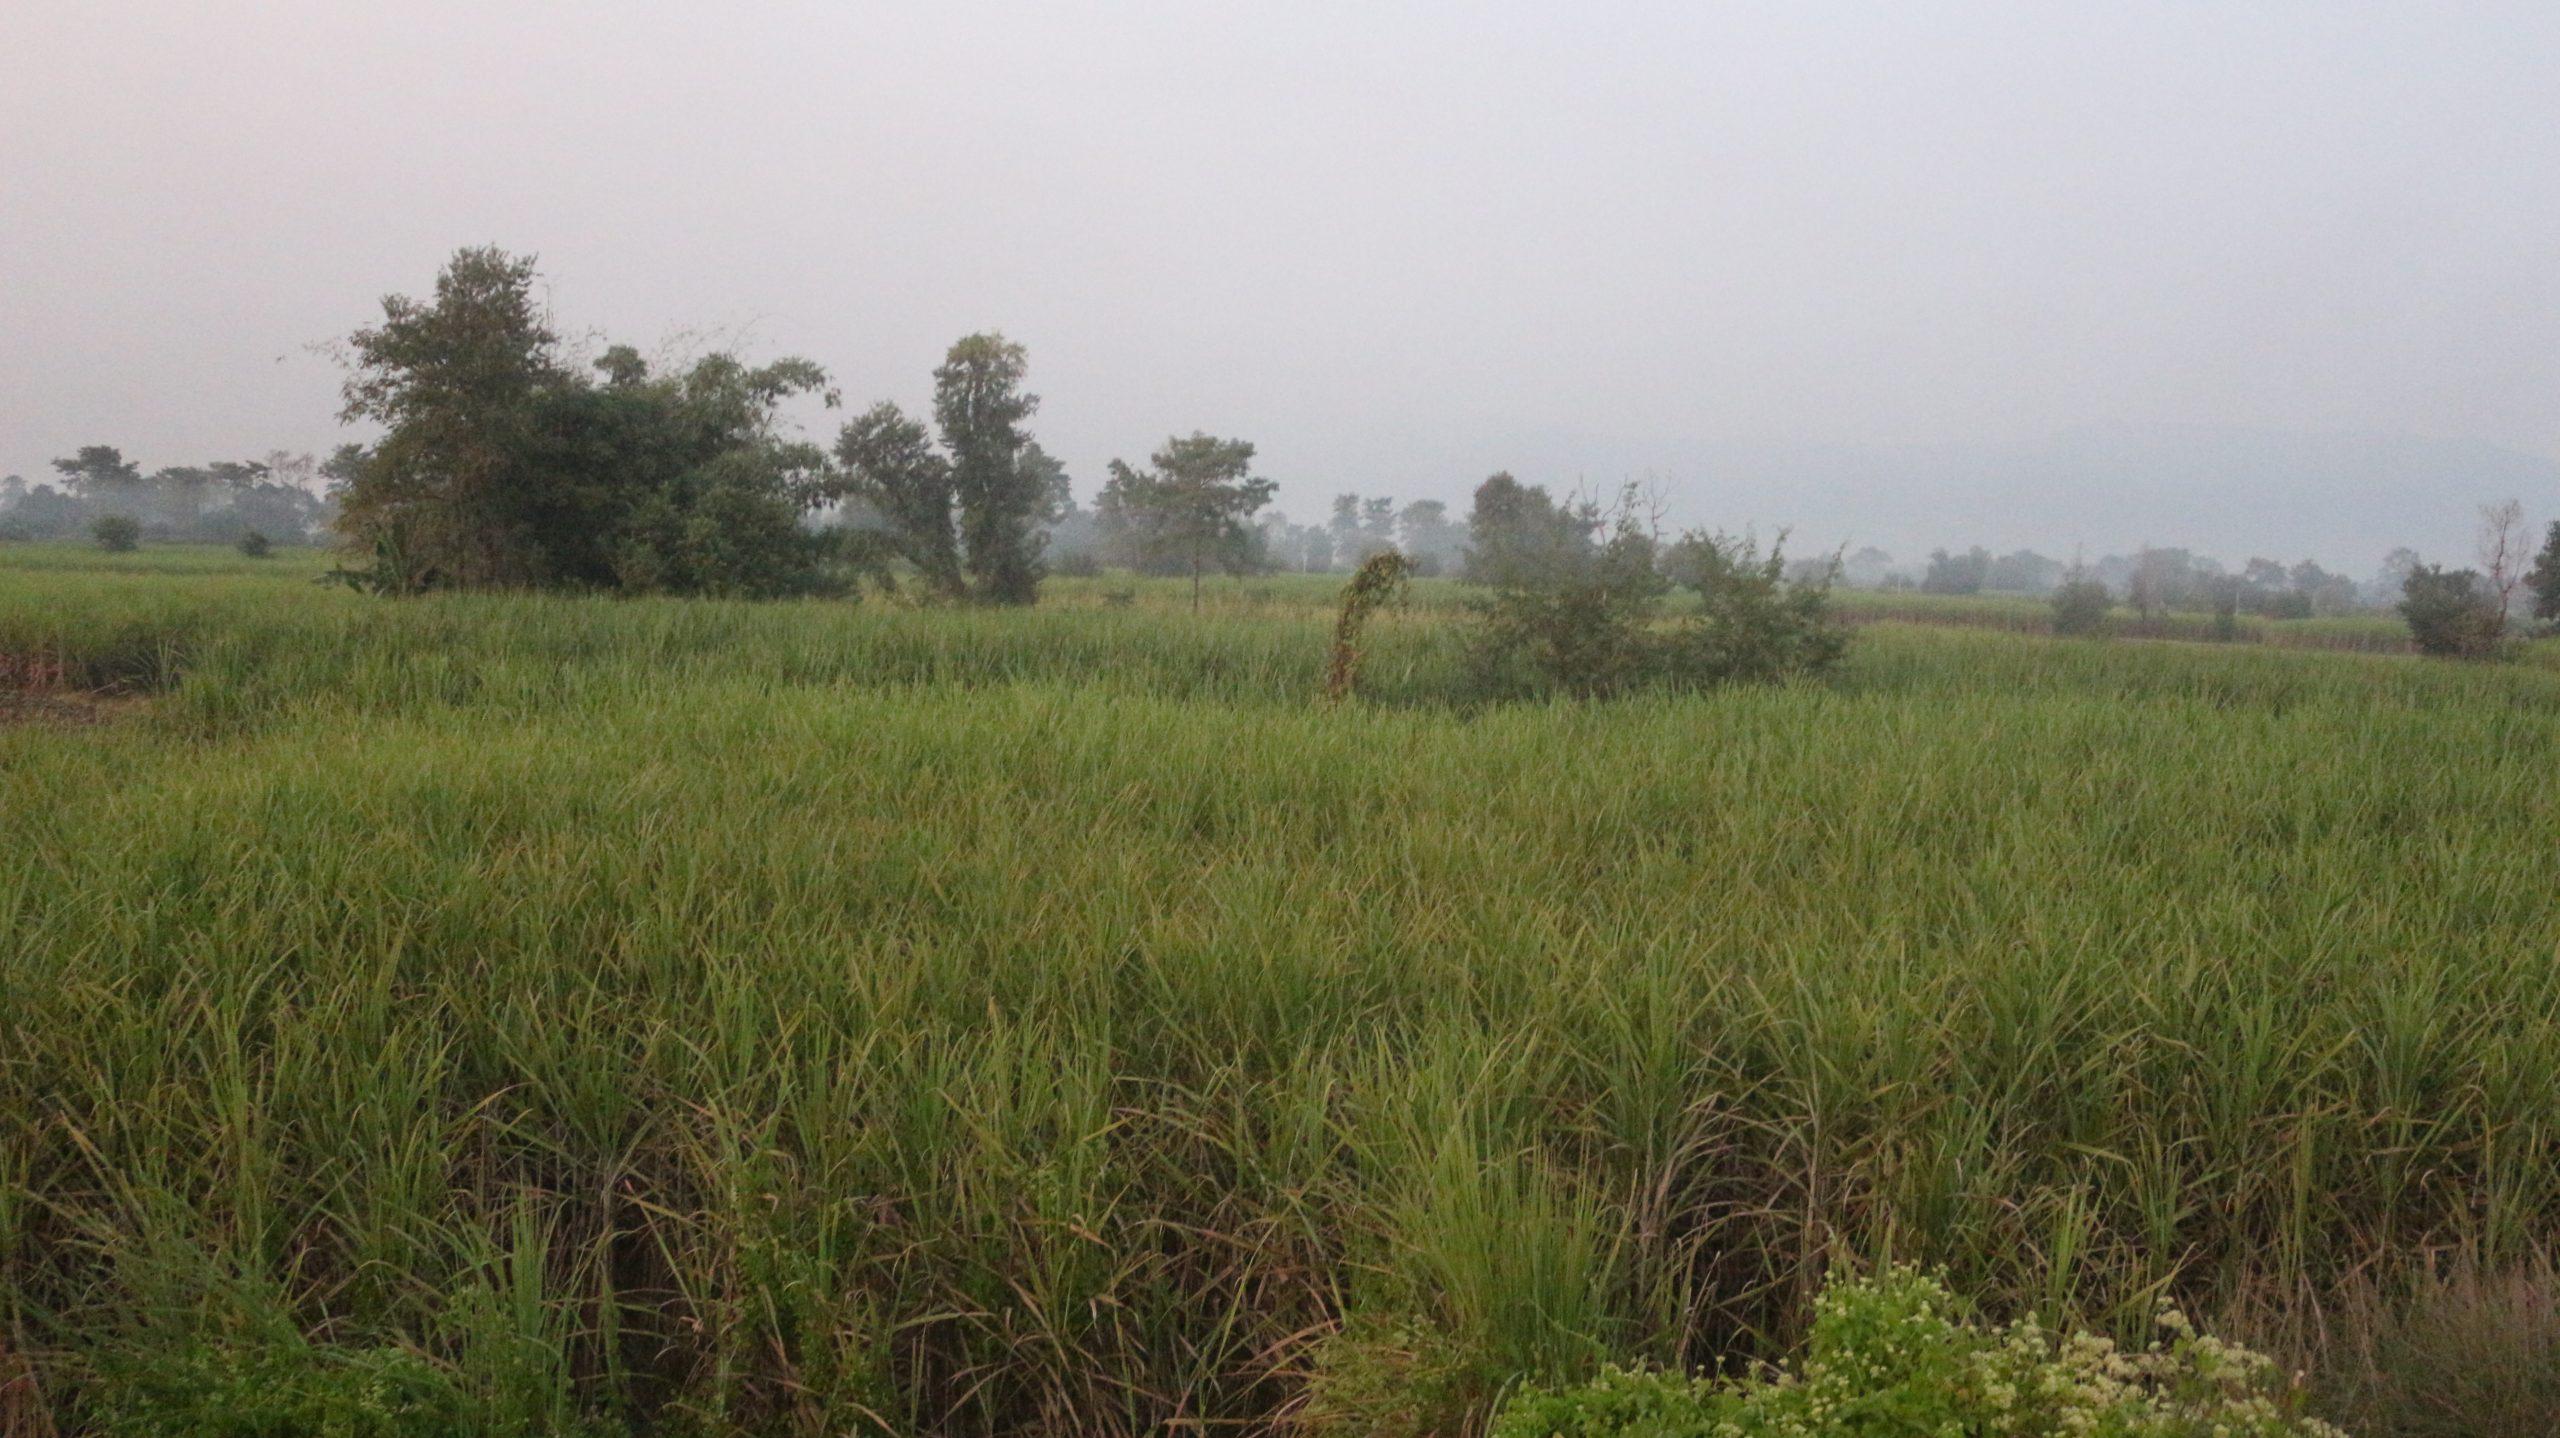 नवलपरासीका किसानले उखुको ५२ करोड भुक्तानी पाएनन